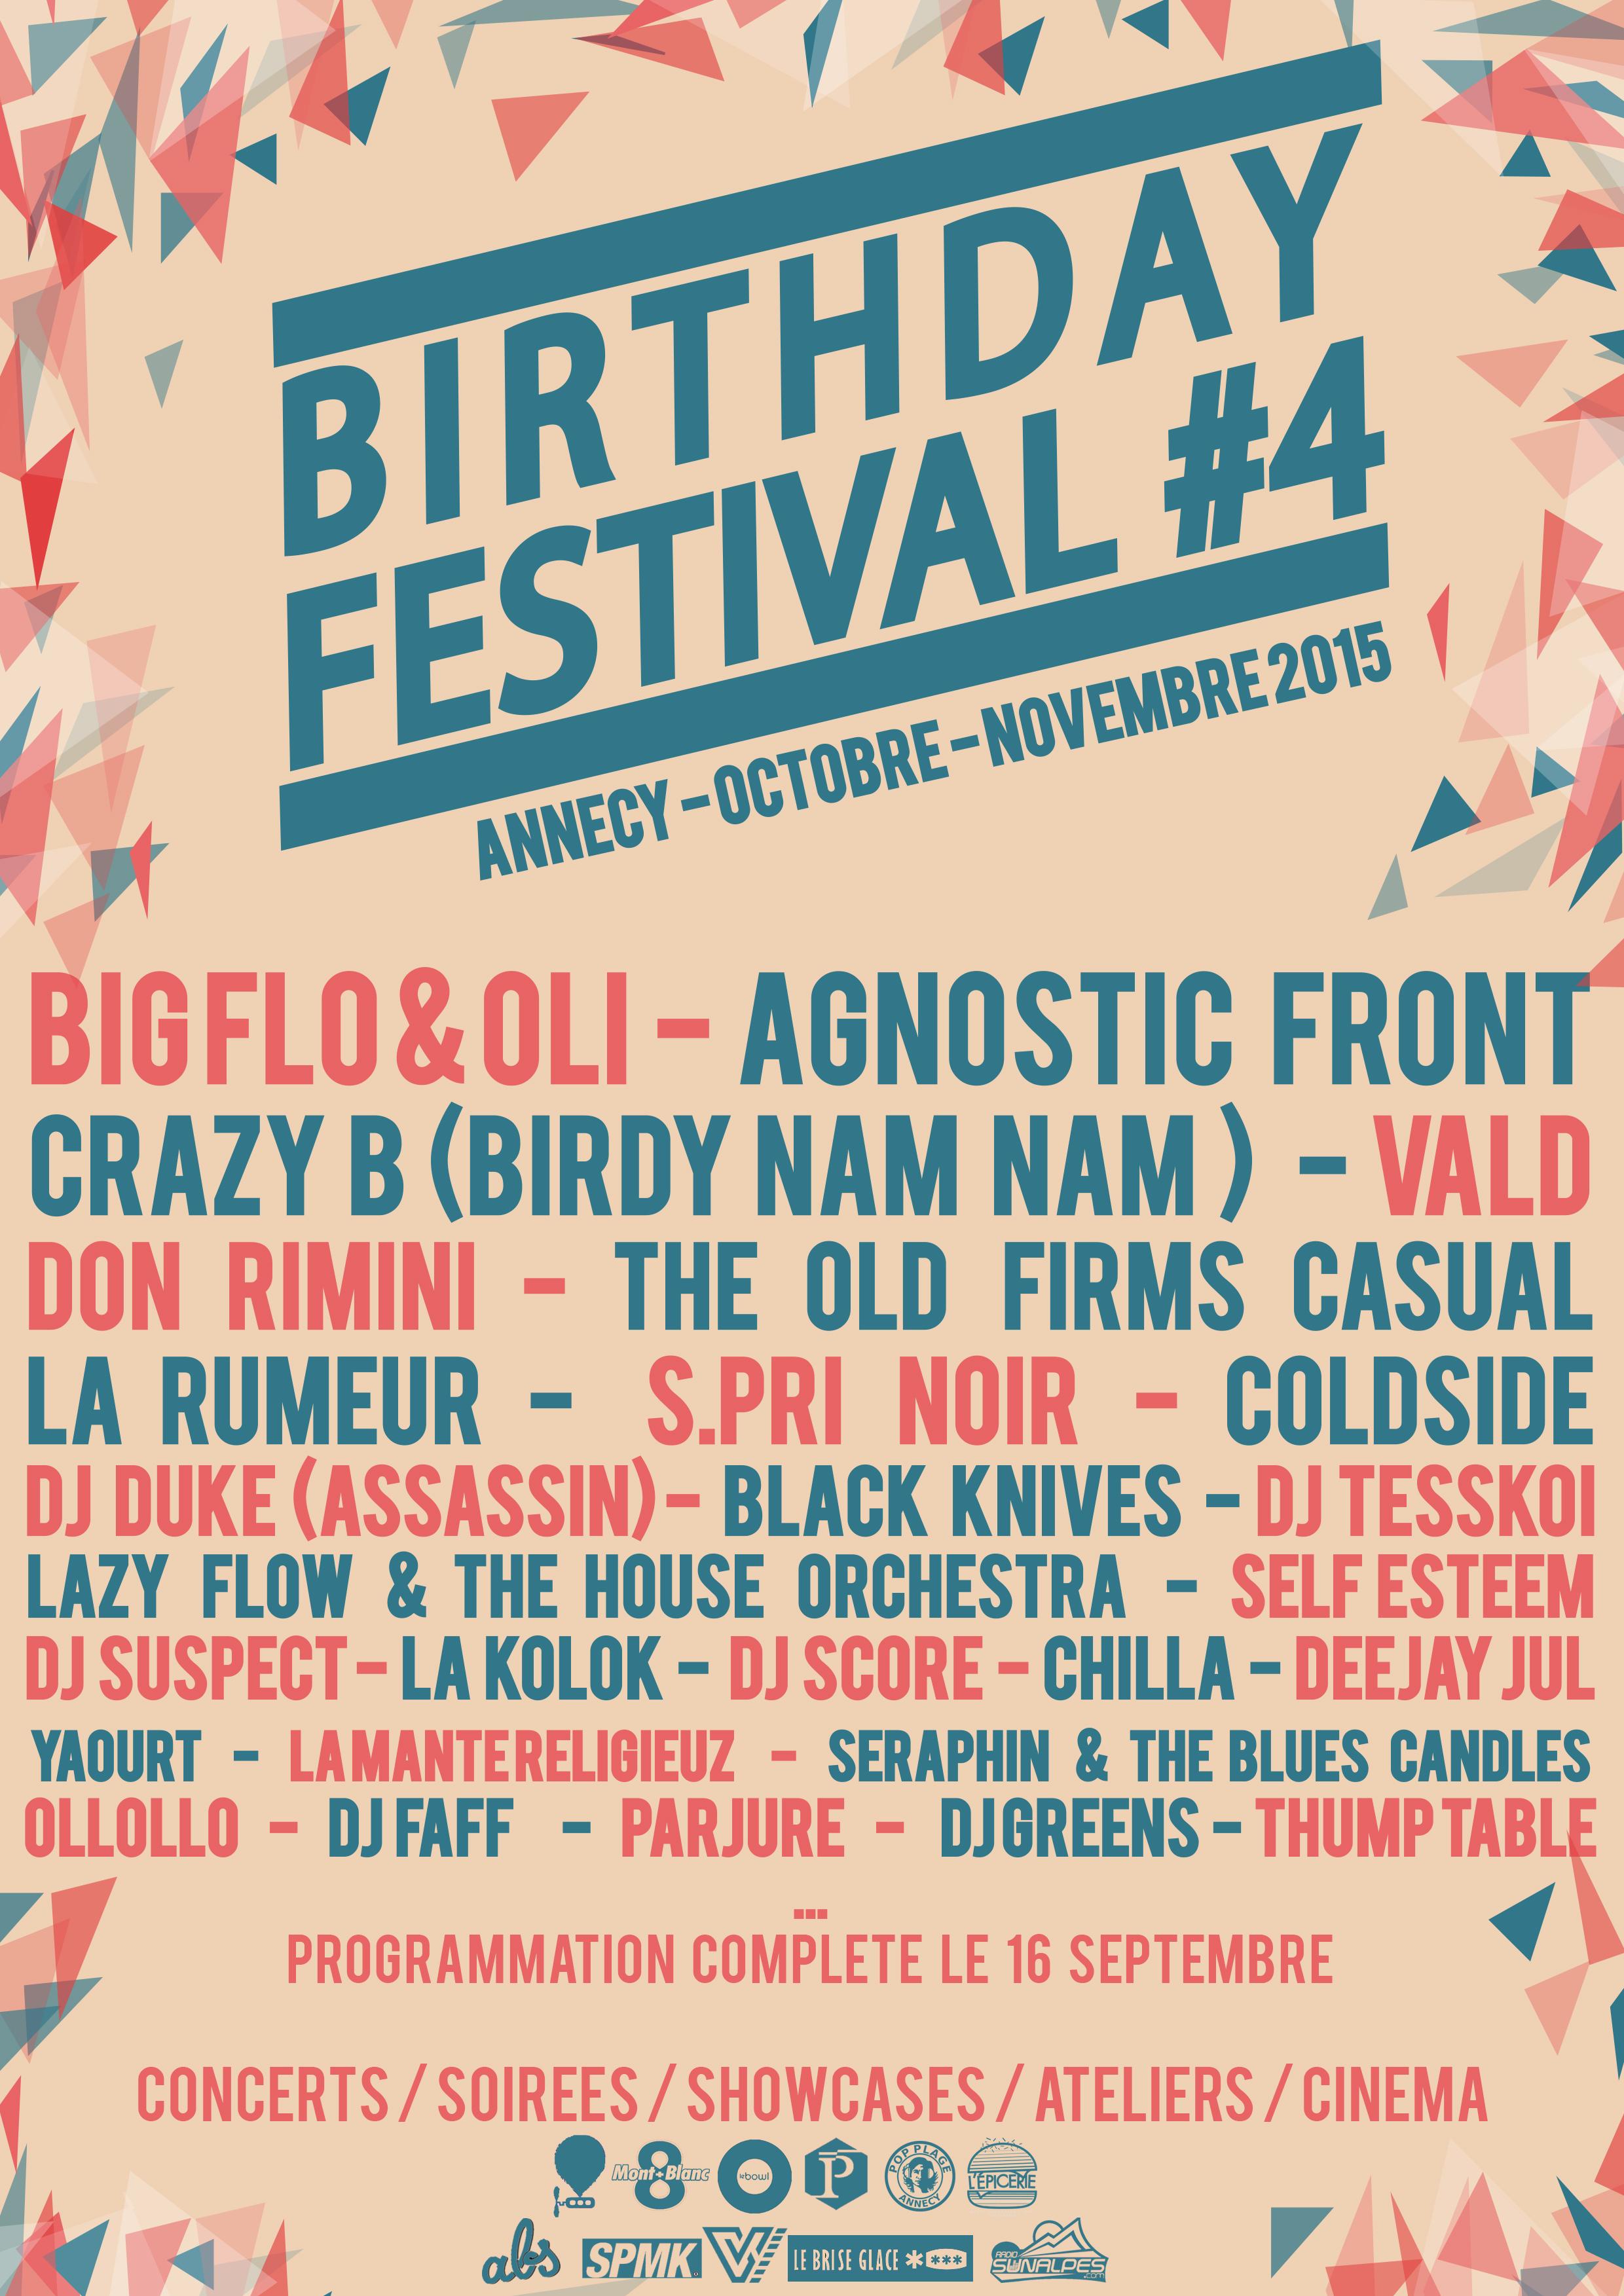 Les platines de Crazy B vont chauffer au Birthday Festival !